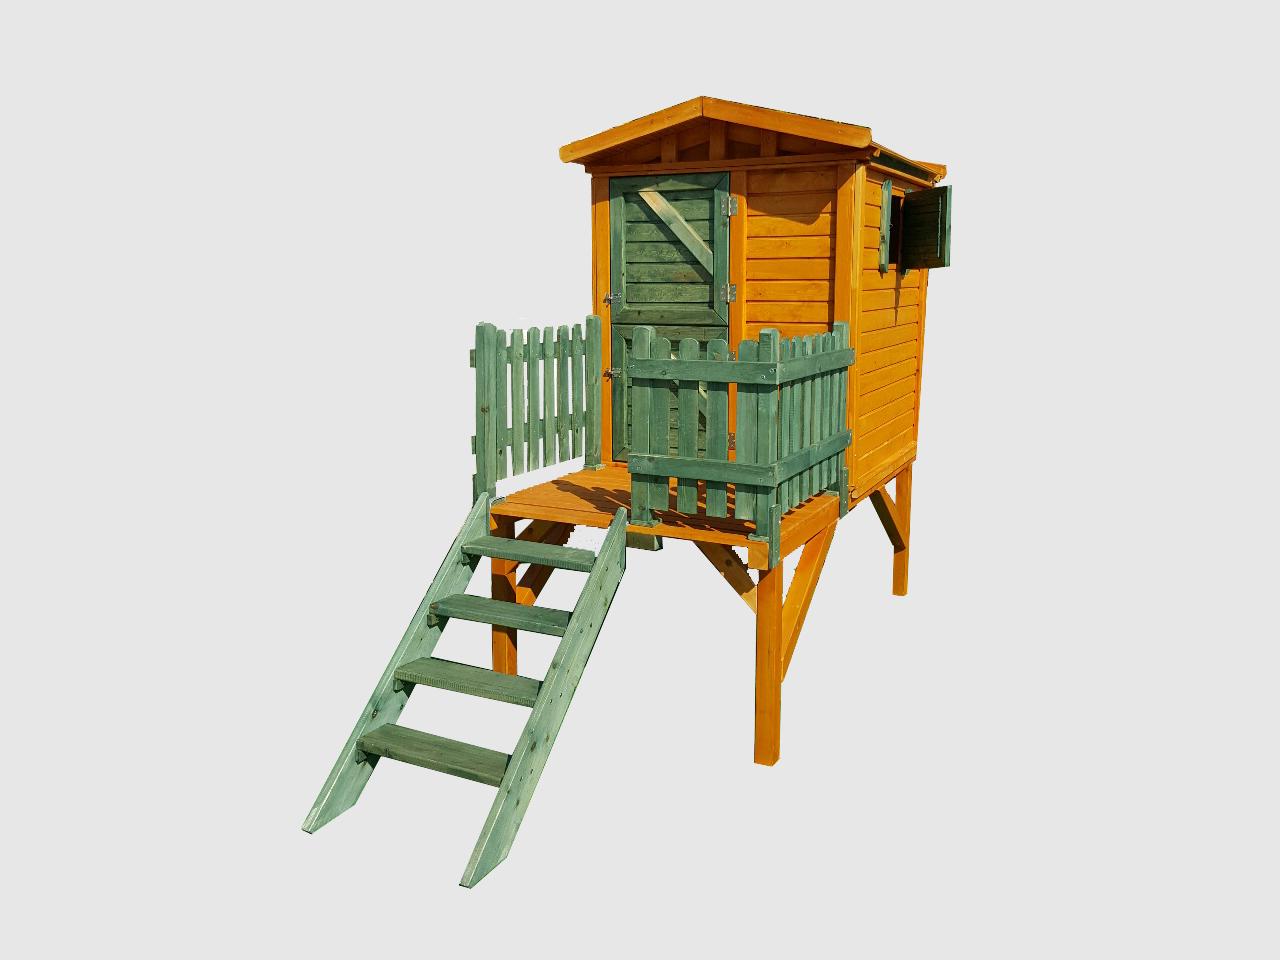 b98ad8c33c06 Ονειρεμένο ξύλινο σπιτάκι για τα παιδιά - Δενδρόσπιτο